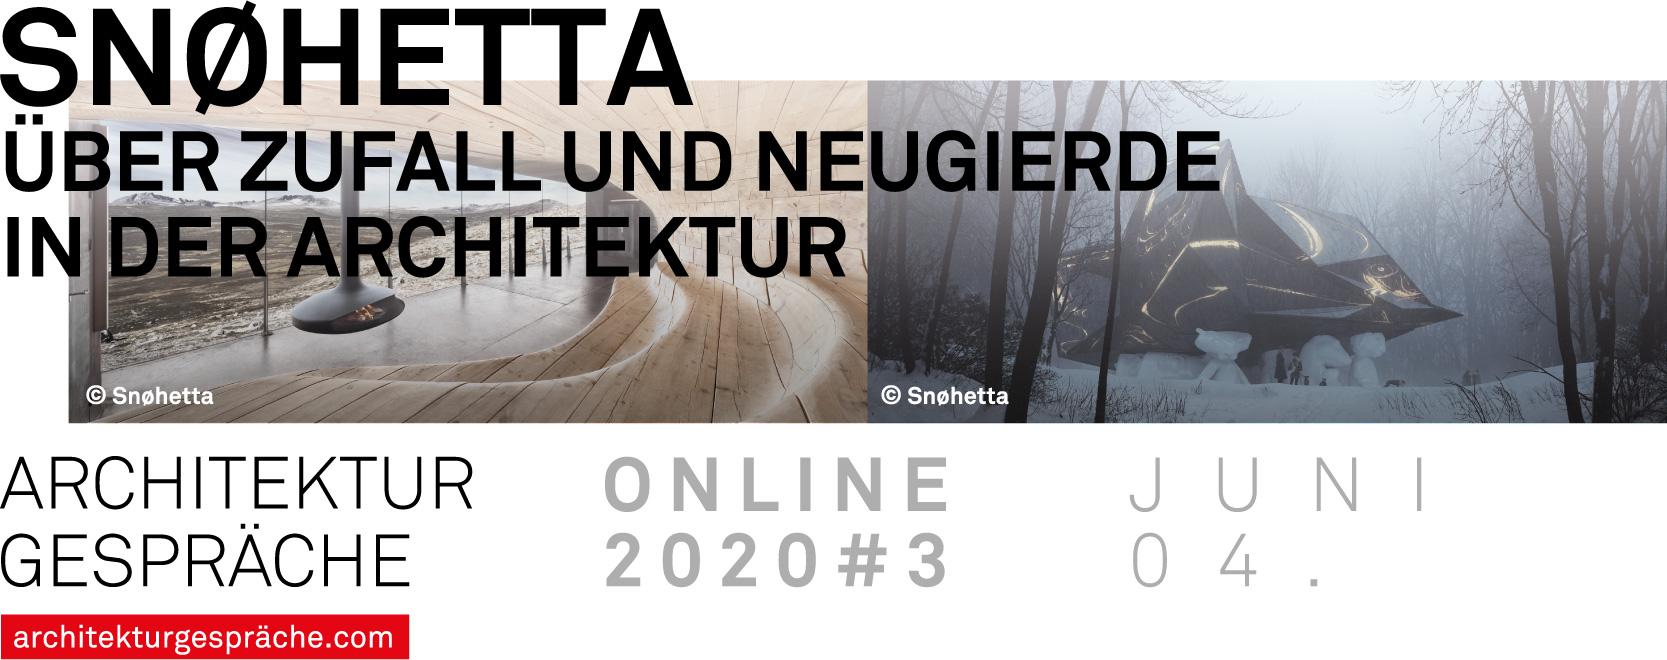 Online Architekturgespräch mit Patrick Lüth von Snøhetta